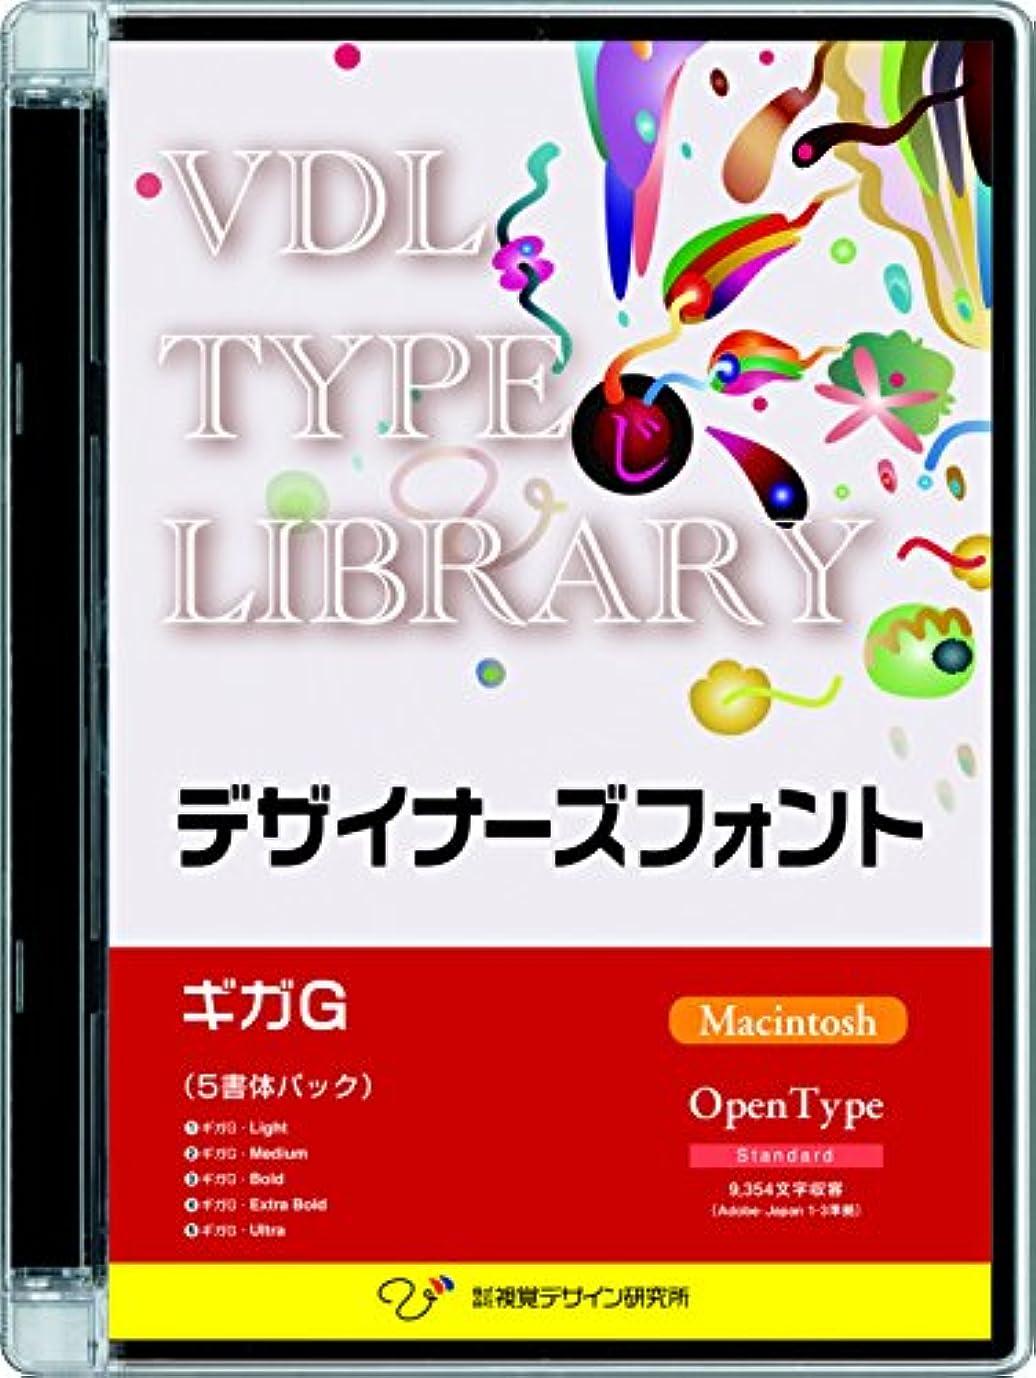 アシストあえてびっくりVDL TYPE LIBRARY デザイナーズフォント OpenType (Standard) Macintosh ギガG ファミリーパック